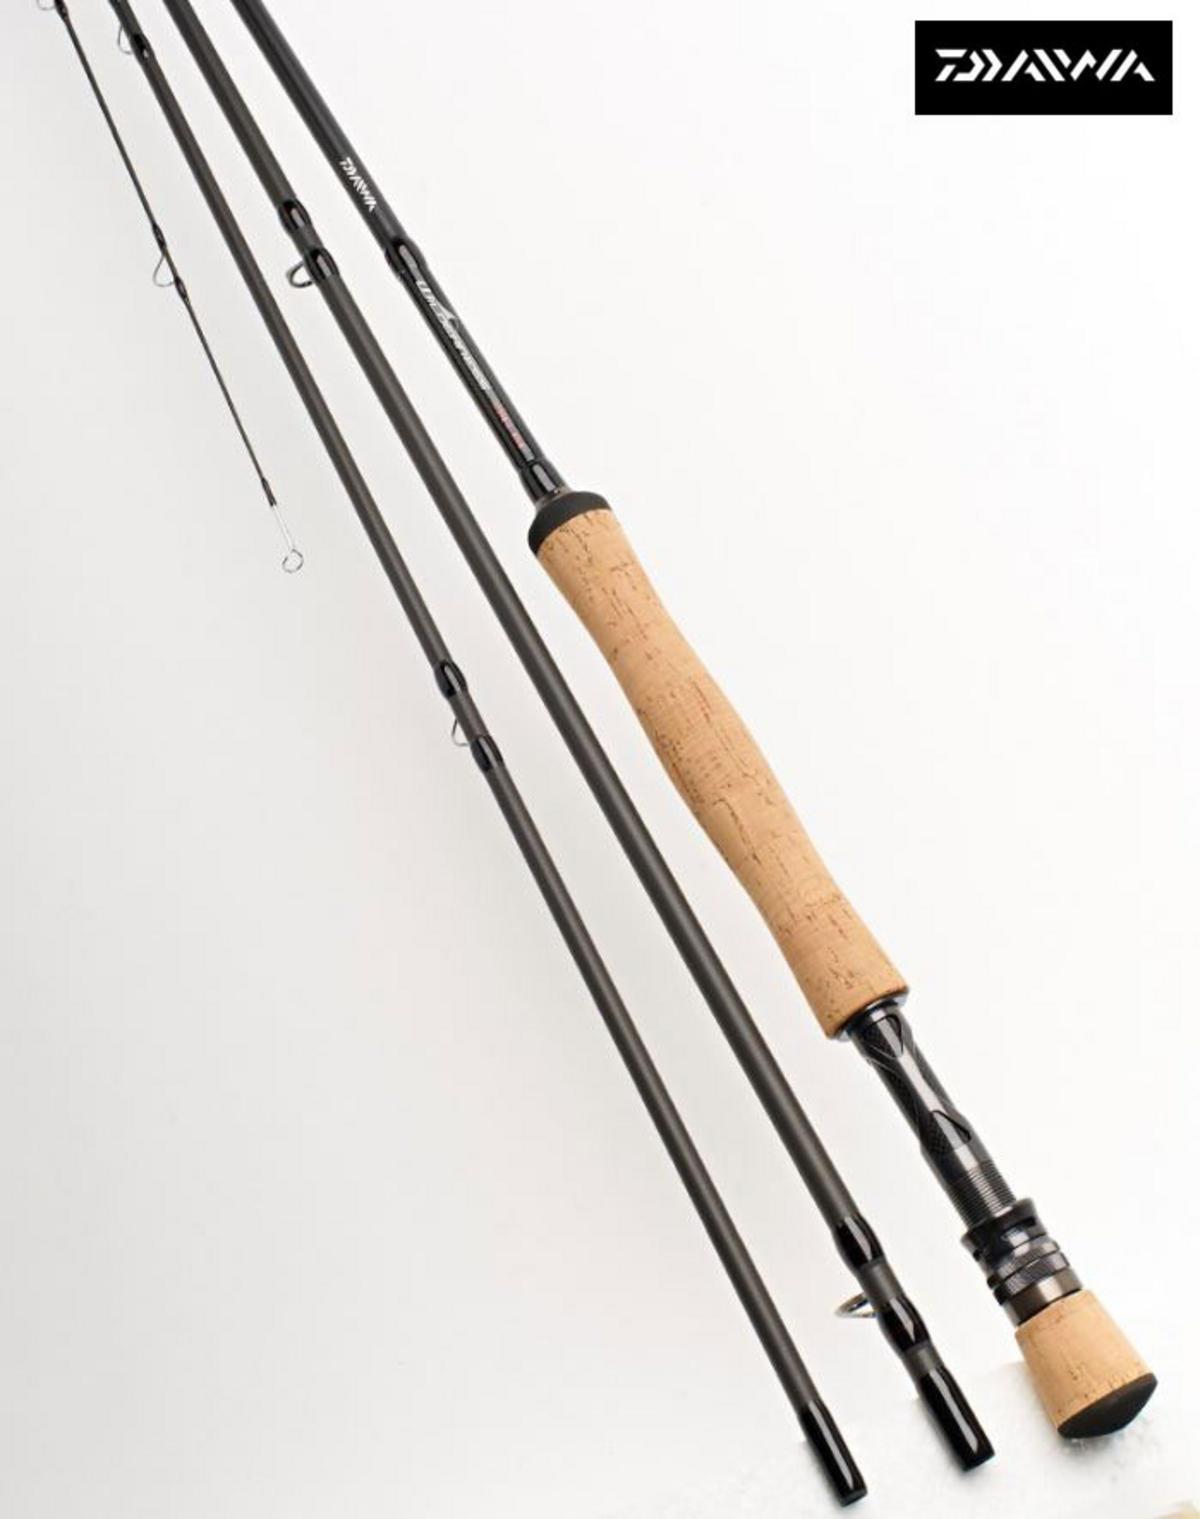 Ex Display Daiwa Wilderness Trout Fly Rod 11' #7/8 4pc Model WNTF113784-BU